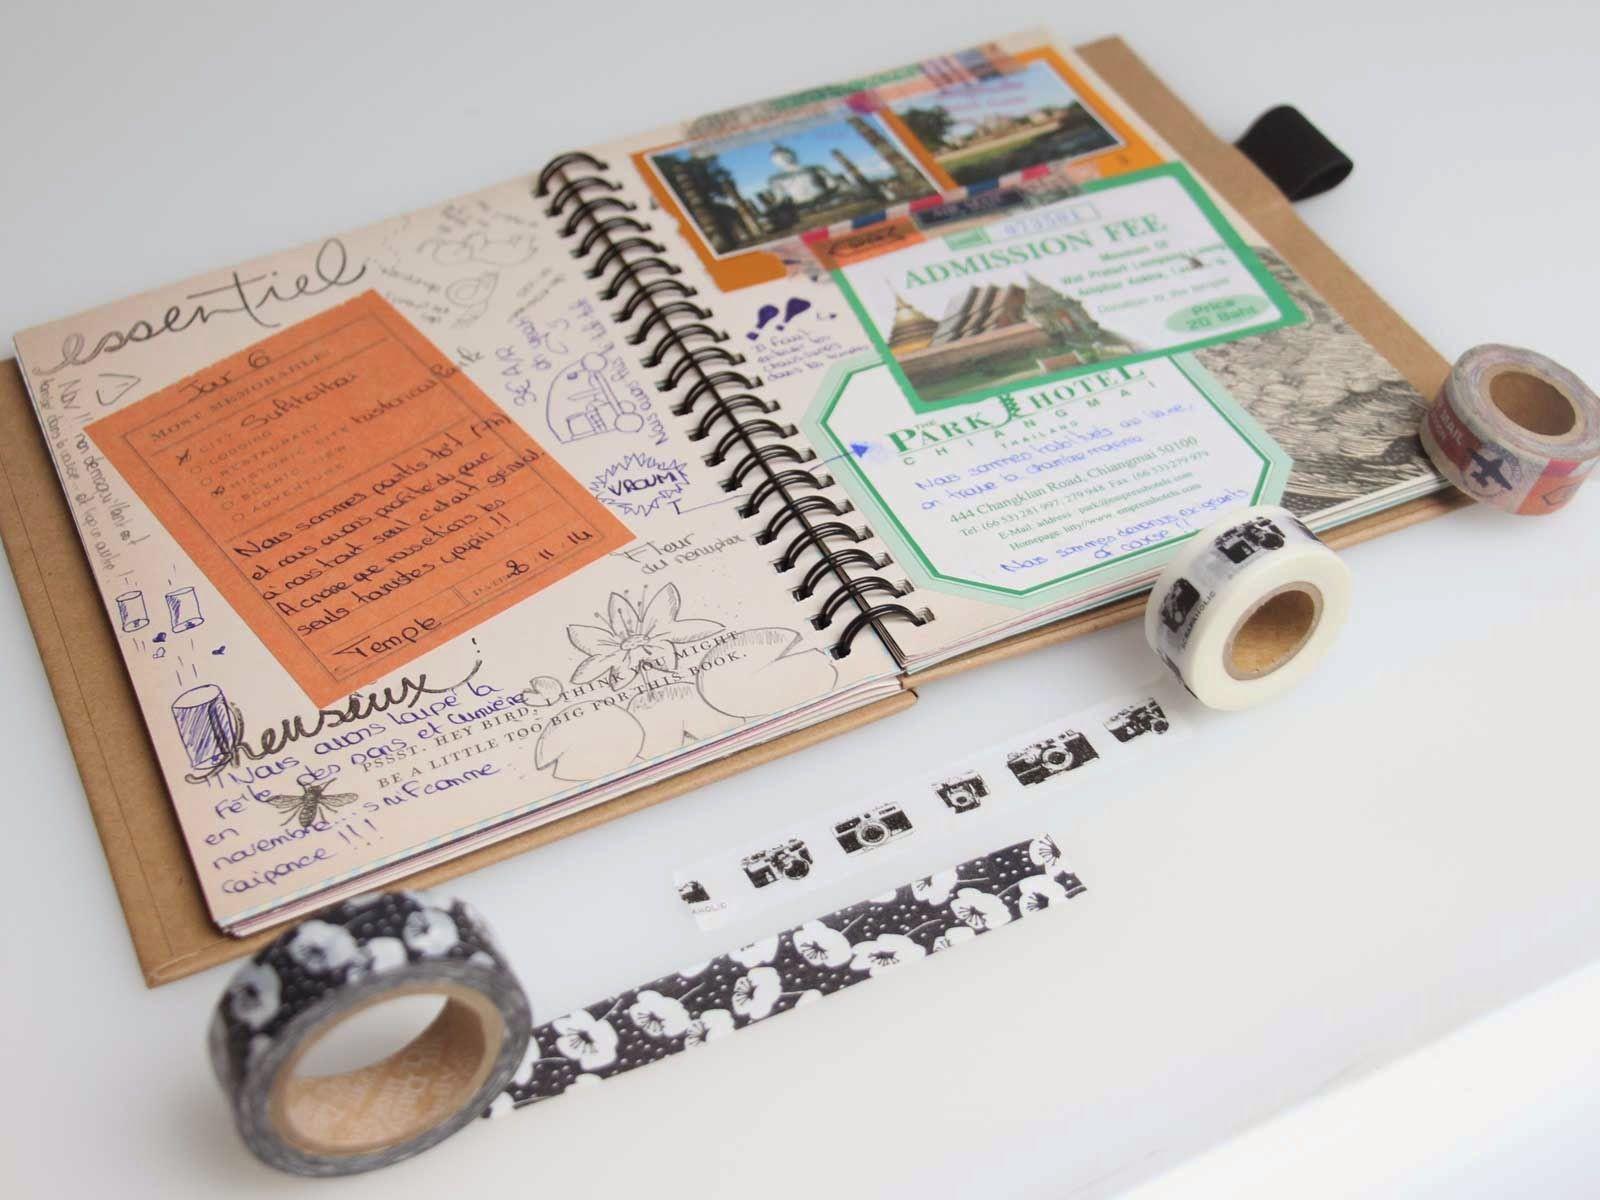 livre de voyage bullet journal pinterest livre de voyage voyages et livre. Black Bedroom Furniture Sets. Home Design Ideas